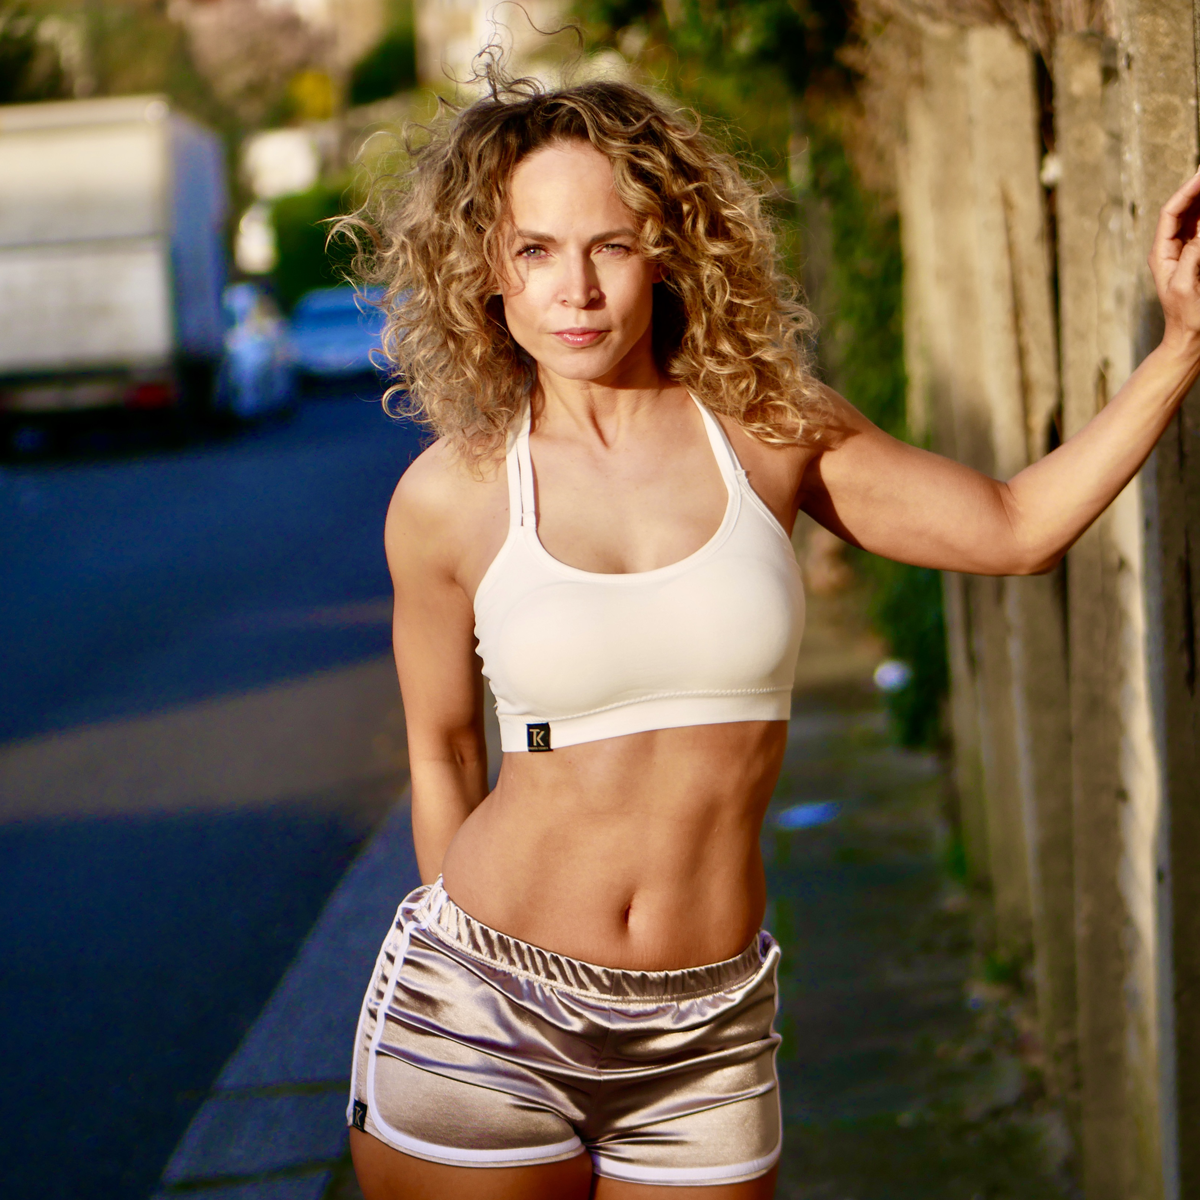 Tamara-Kramer-Satin-shorts-top-1.png